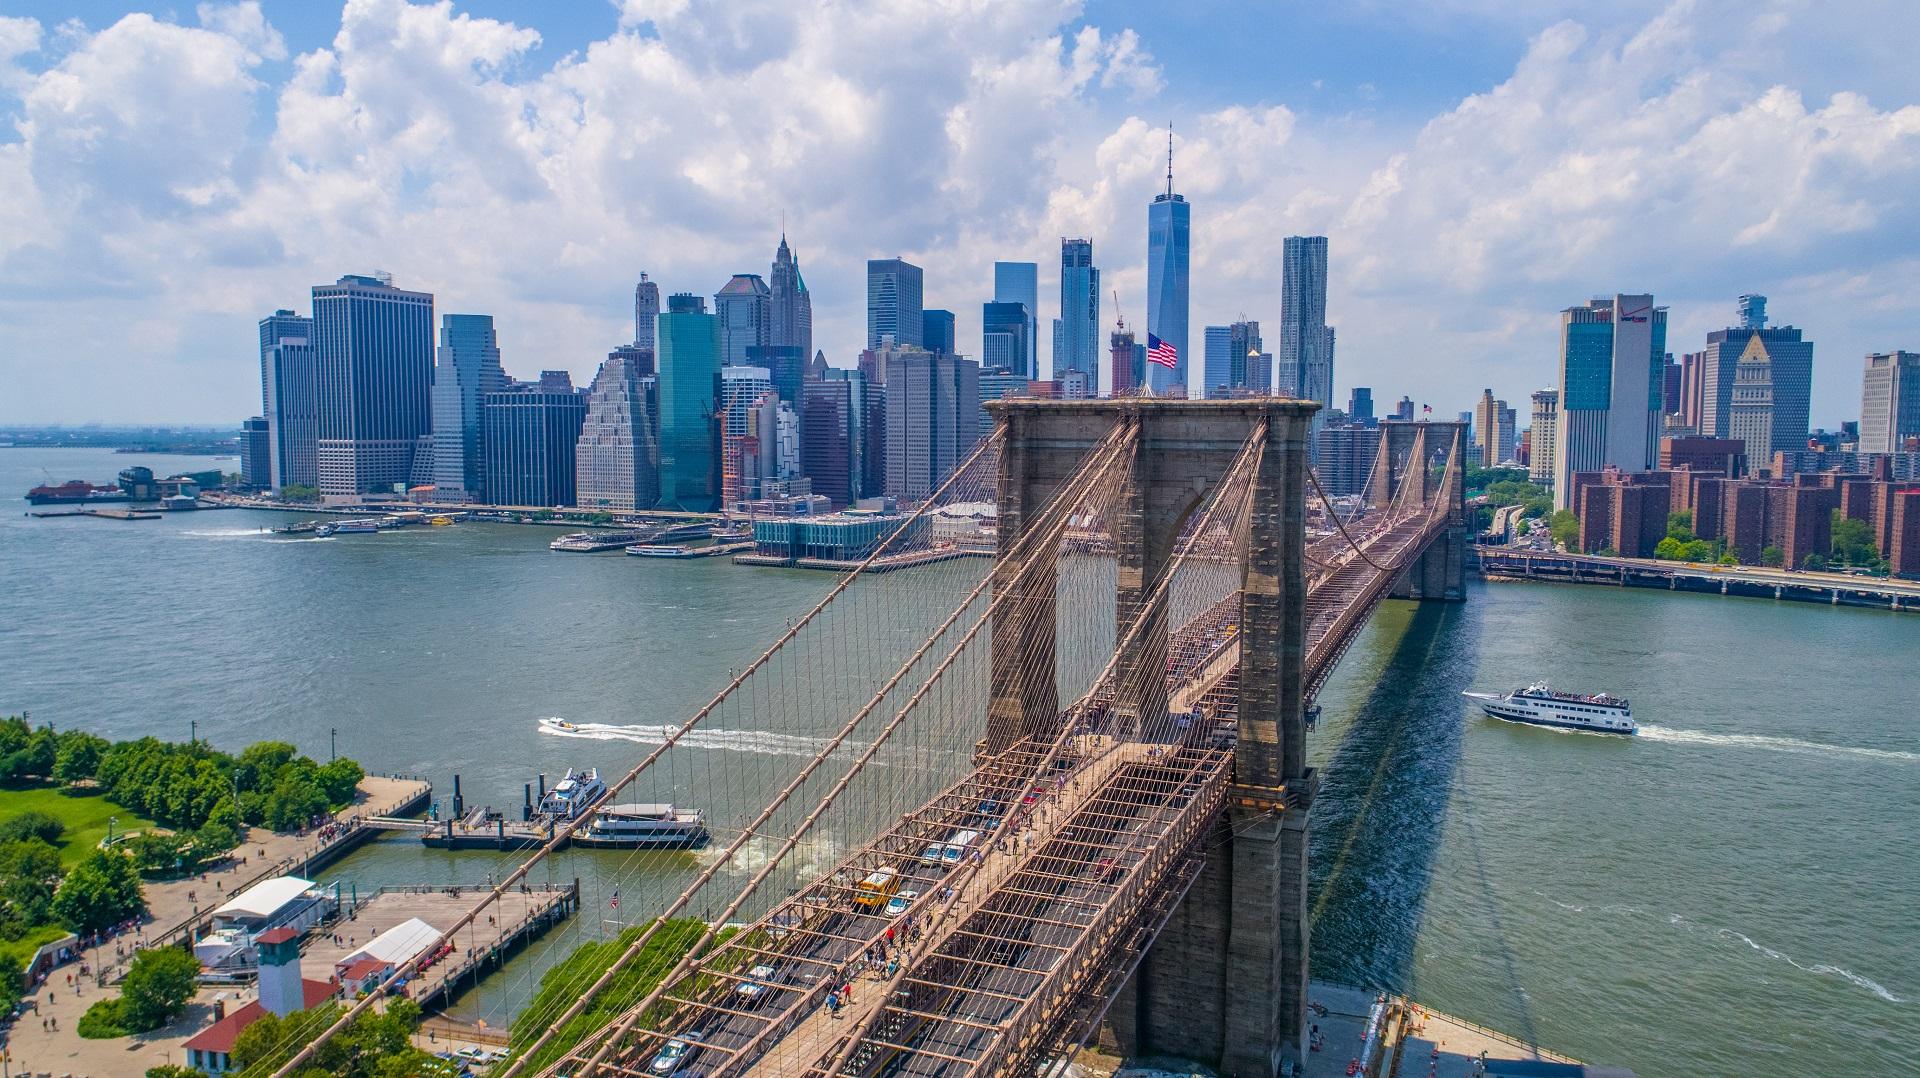 Cityscape Bridge Brooklyn Bridge Architecture Skyscraper River Cruise Ship Speed Boat American Flag  1920x1078